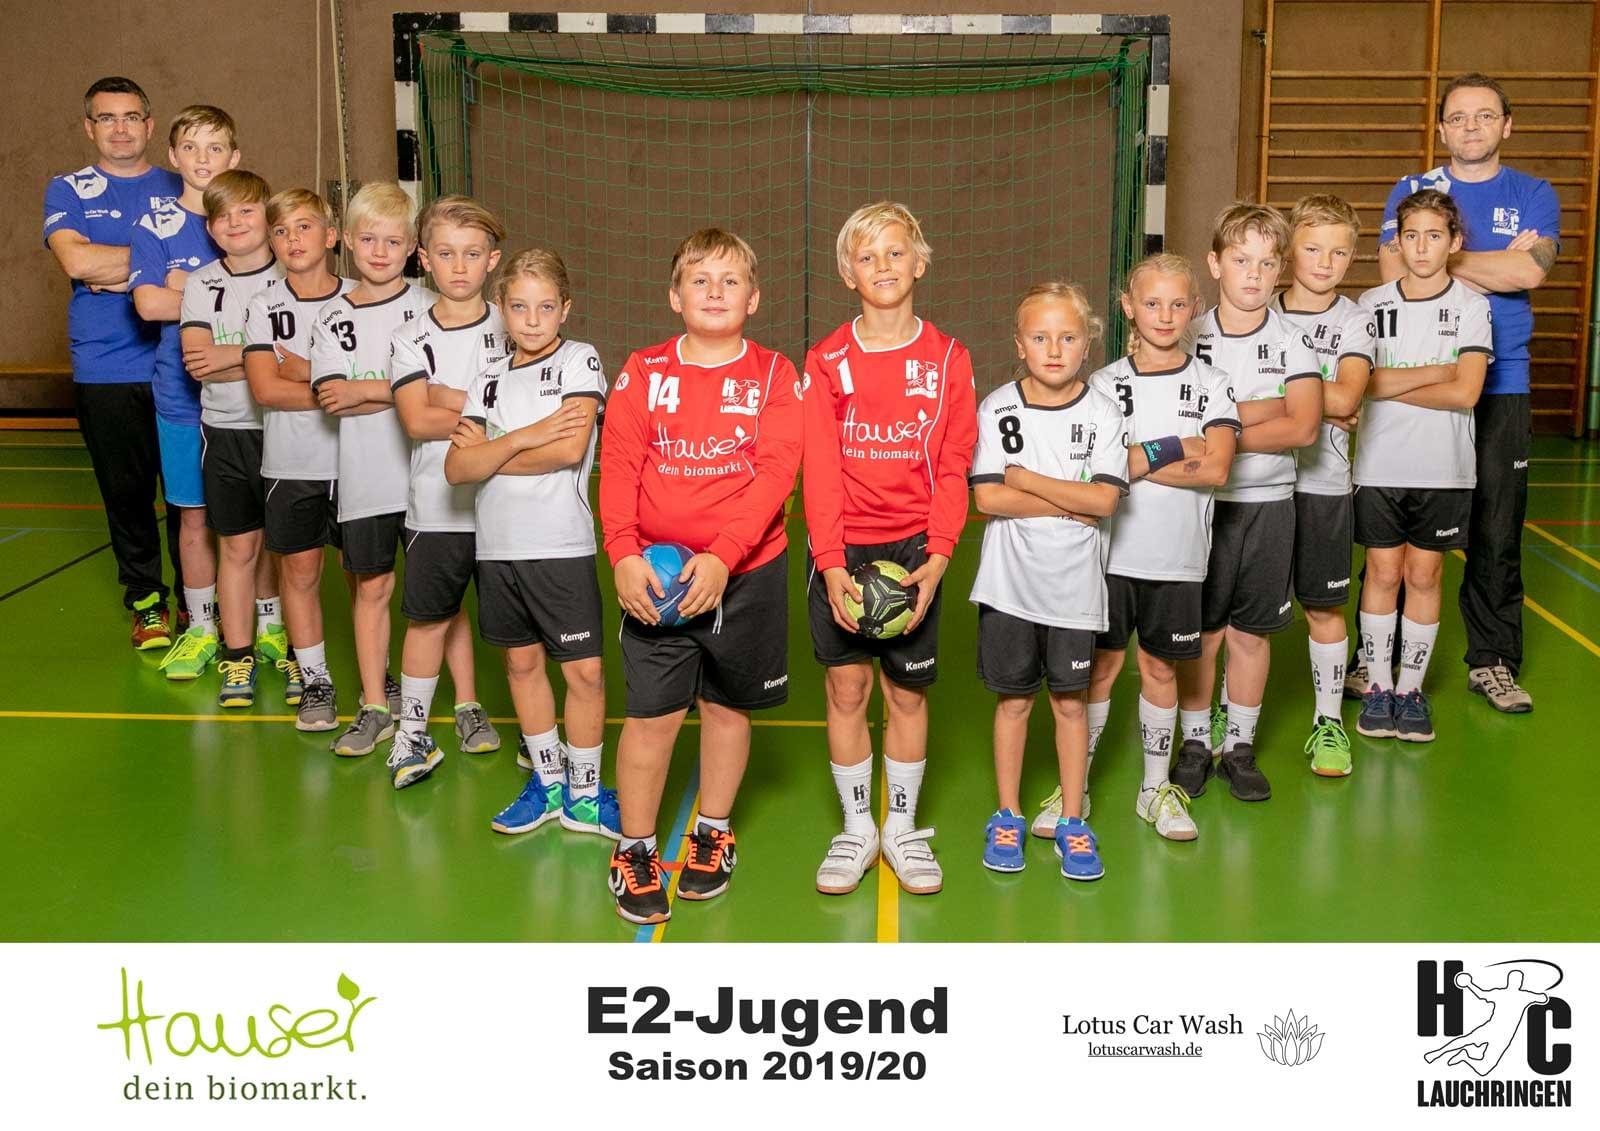 E2-Jugend